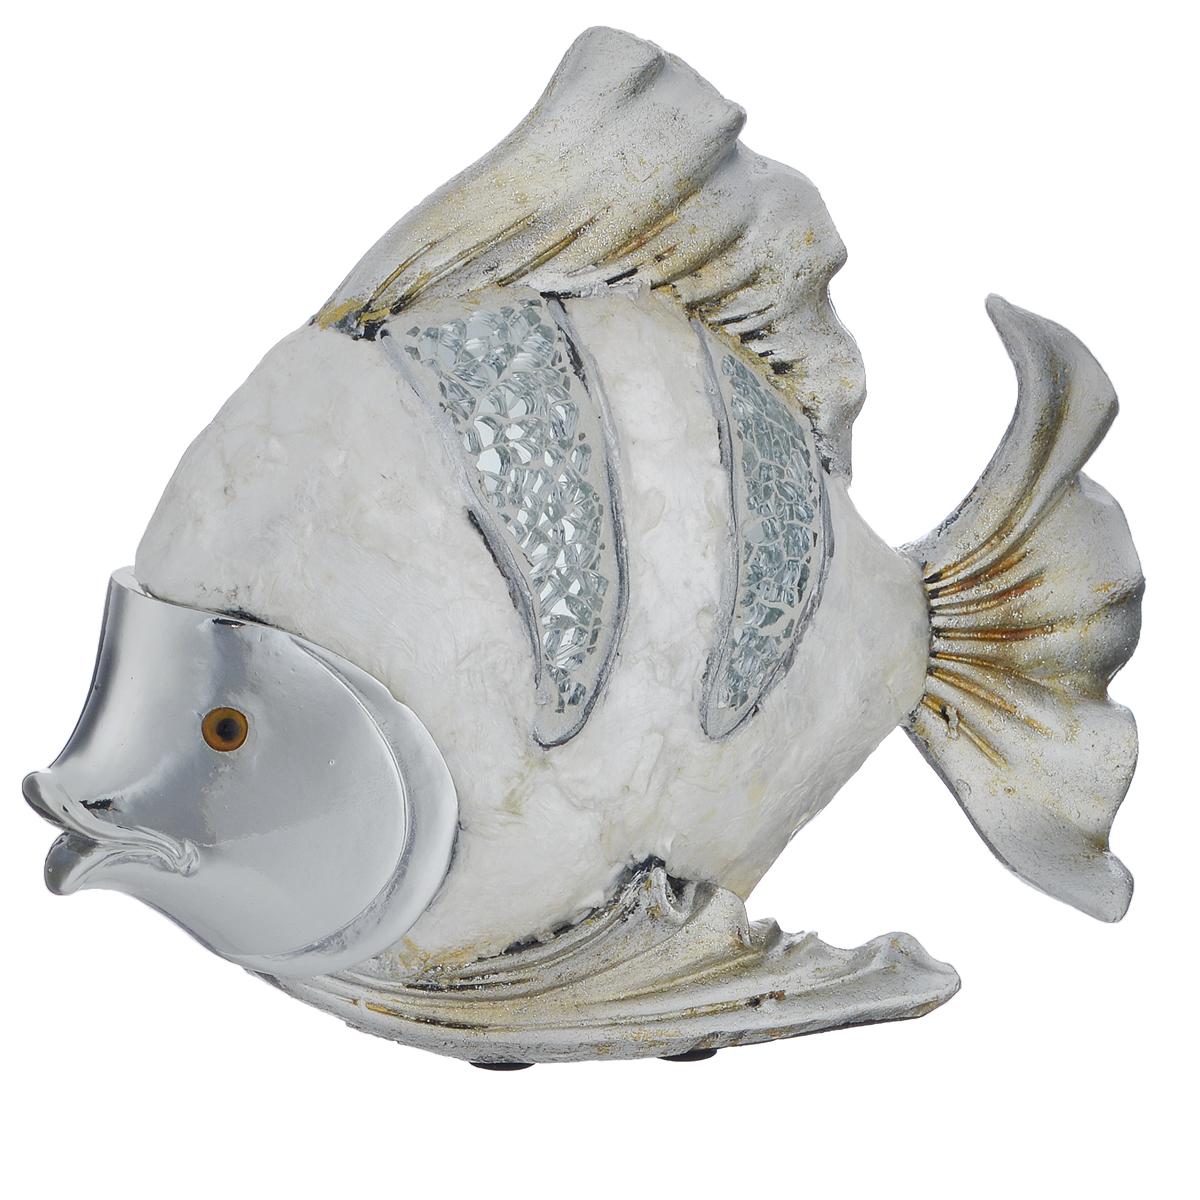 Фигурка декоративная Molento Серебристая рыба, высота 15 см549-187Декоративная фигурка Molento Серебристая рыба, изготовленная из полистоуна и украшенная зеркальной россыпью, выполнена в виде рыбы. Такая фигурка станет отличным дополнением к интерьеру. Вы можете поставить фигурку в любом месте, где она будет удачно смотреться, и радовать глаз. Кроме того, фигурка Серебристая рыба станет чудесным сувениром для ваших друзей и близких. Размер фигурки: 19 см х 5 см х 15 см.